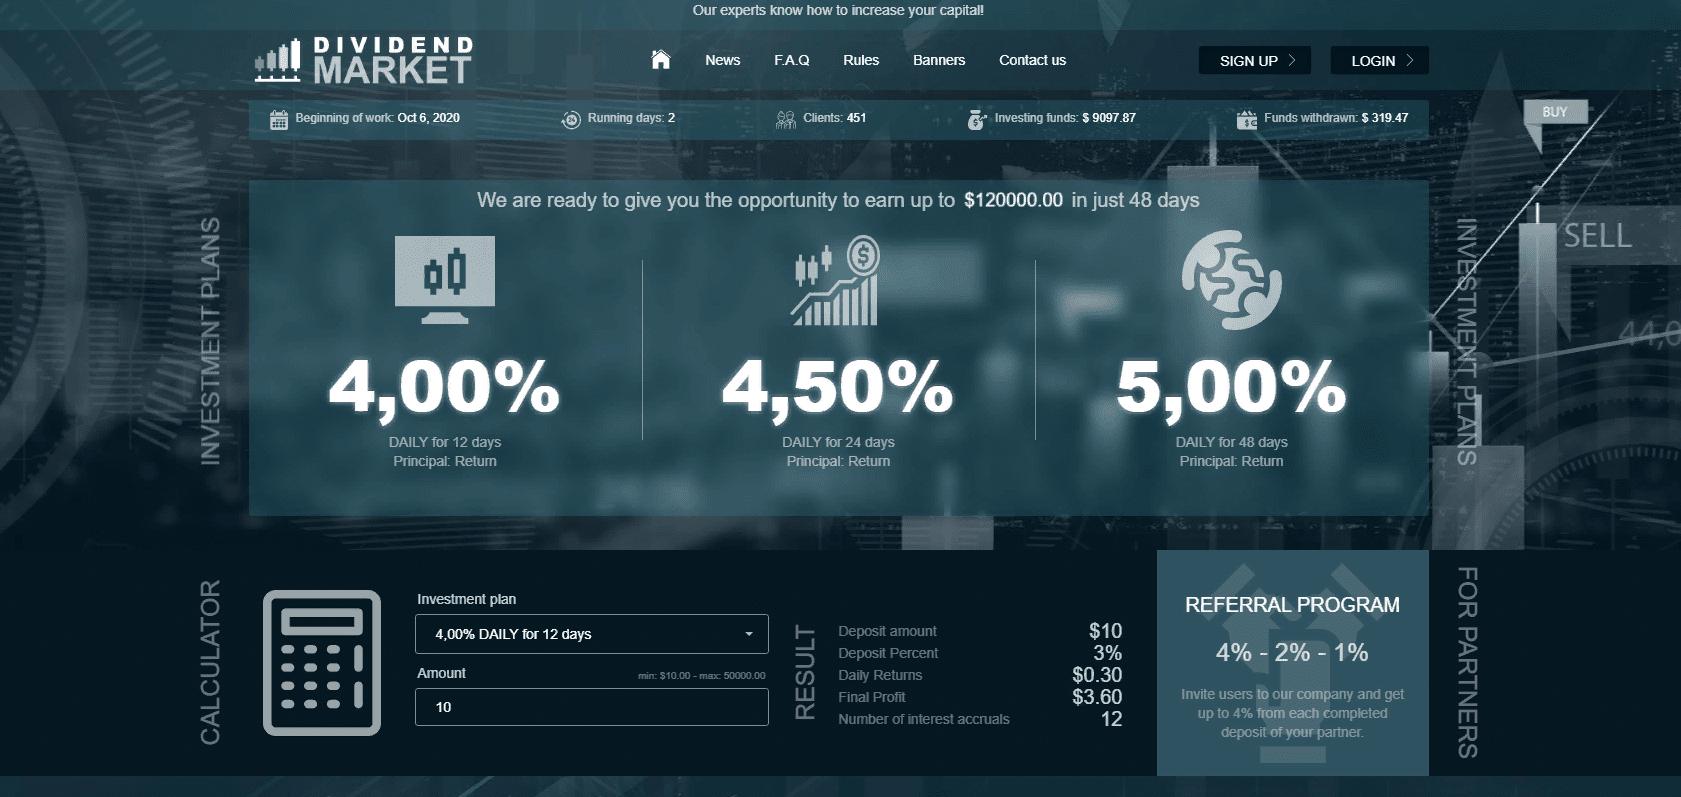 Dividend Market